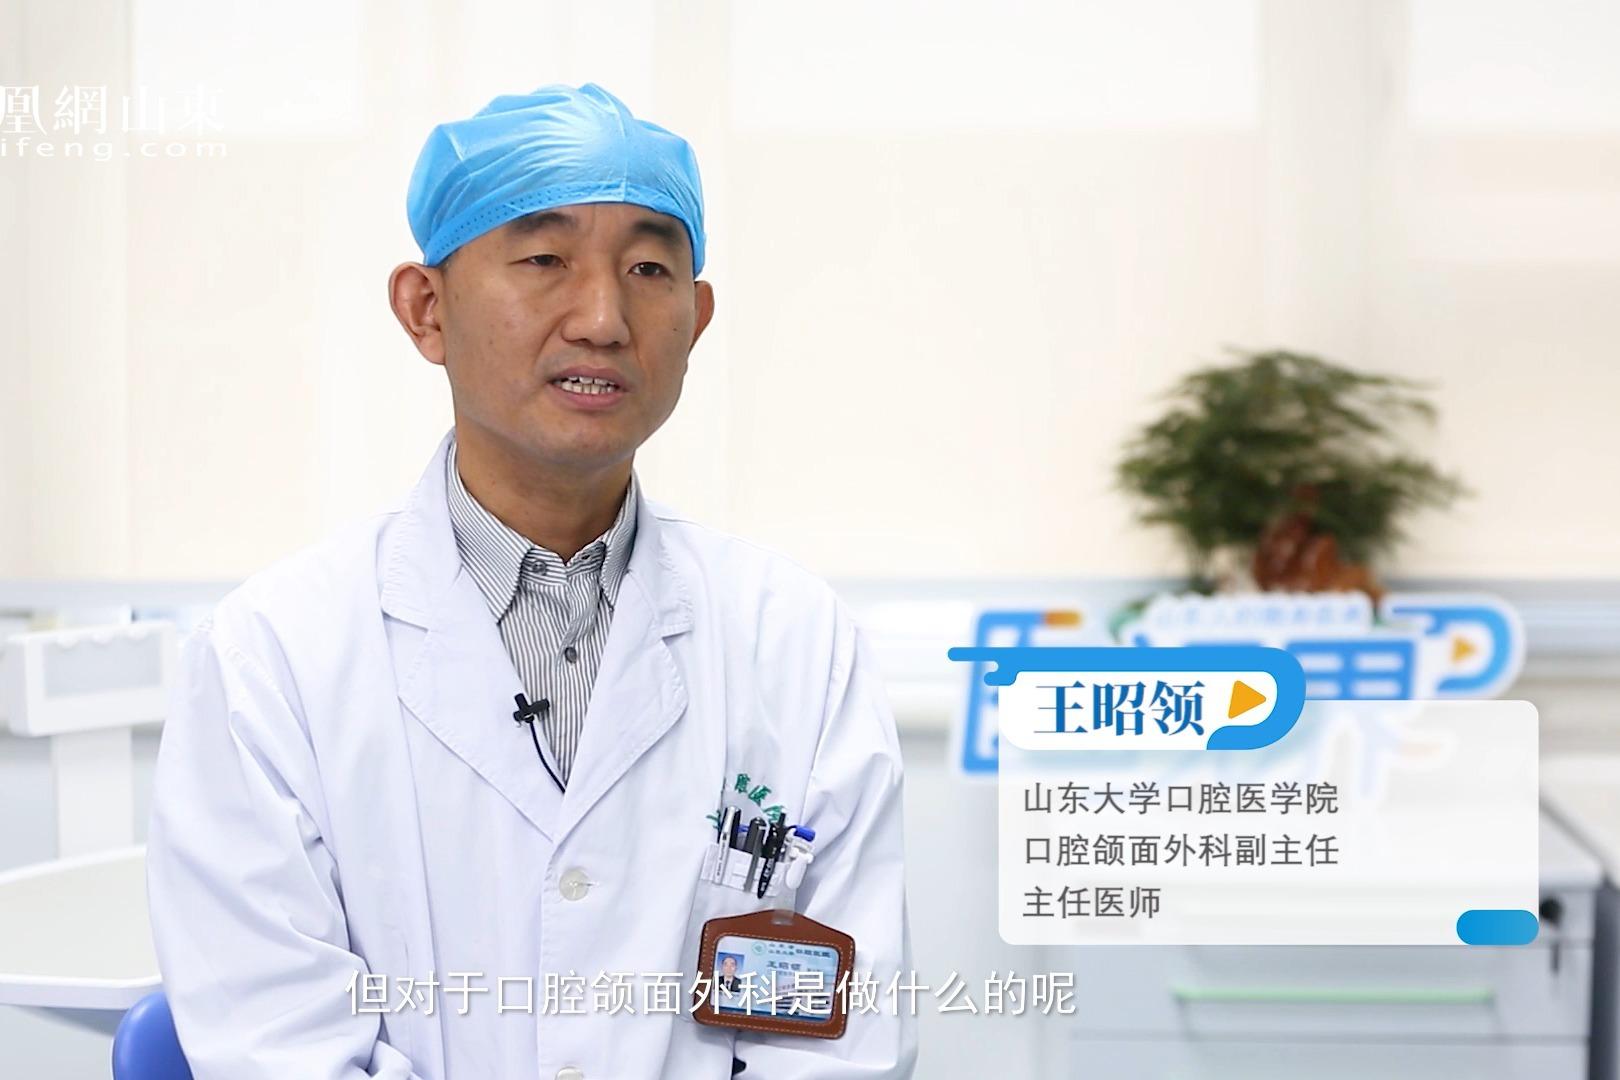 医视界丨口腔颌面外科的诊疗范围是什么?